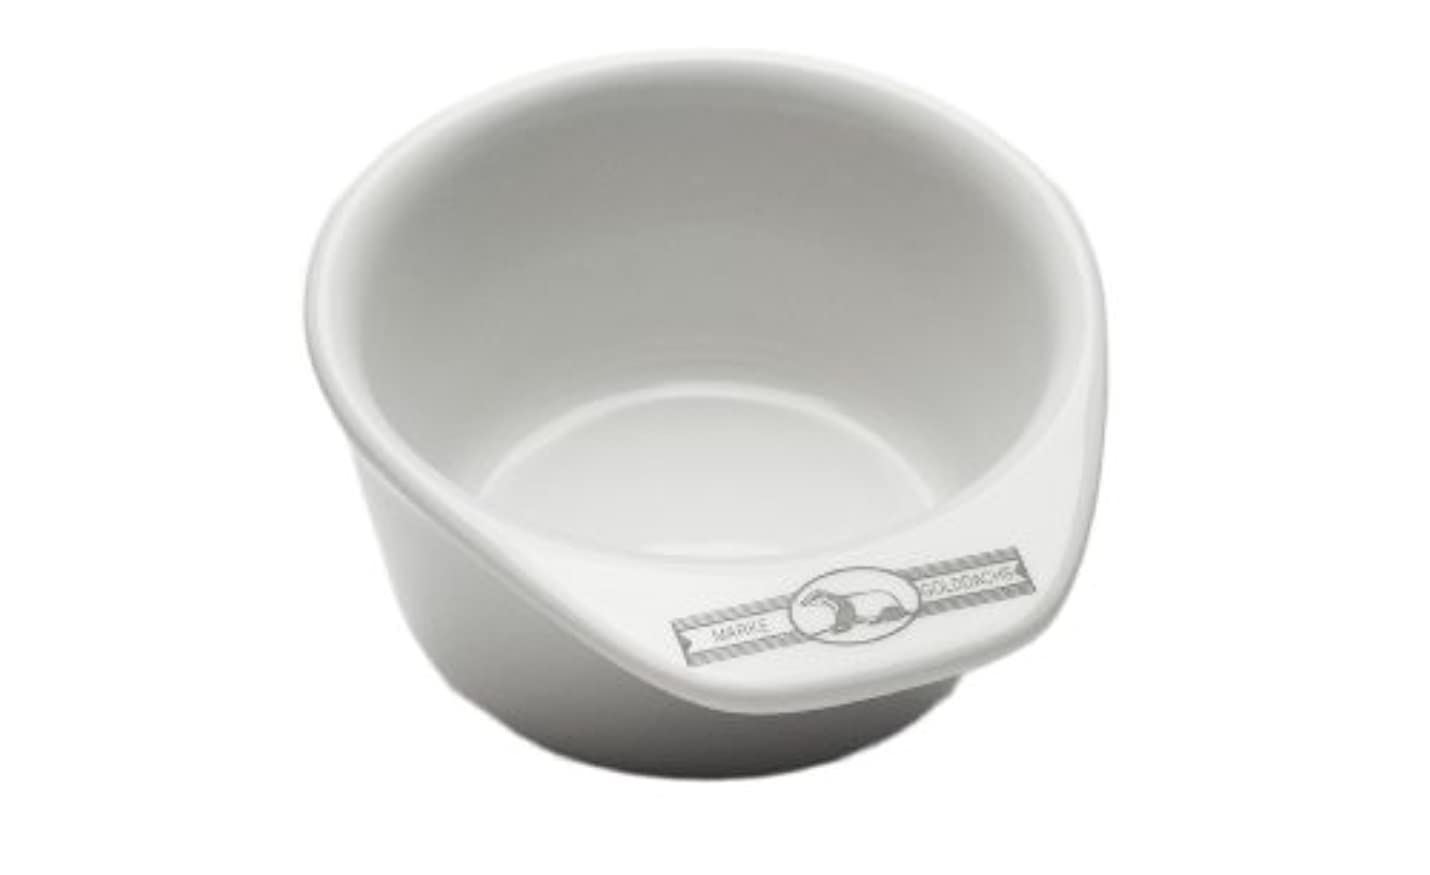 葉っぱ副詞ナインへGolddachs shaving pot, Porcelain with handle